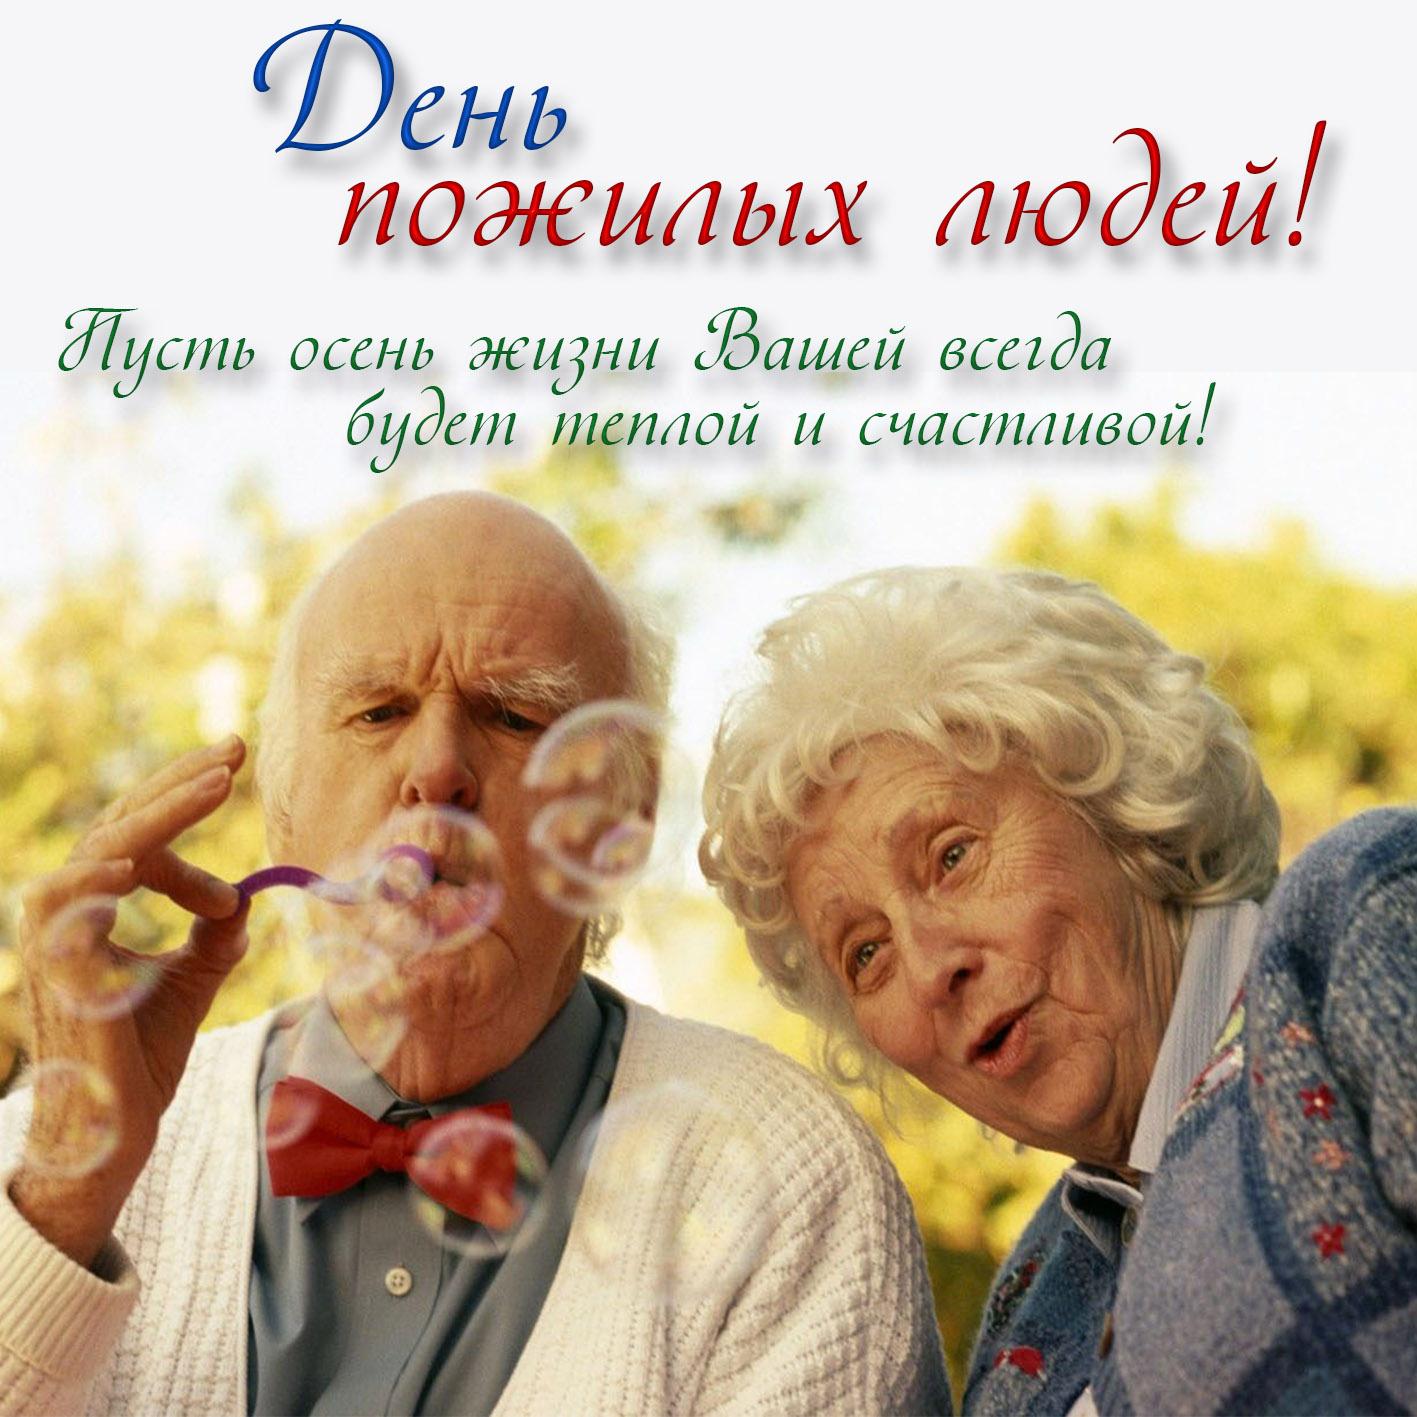 Веселые поздравления с днем пожилого человека